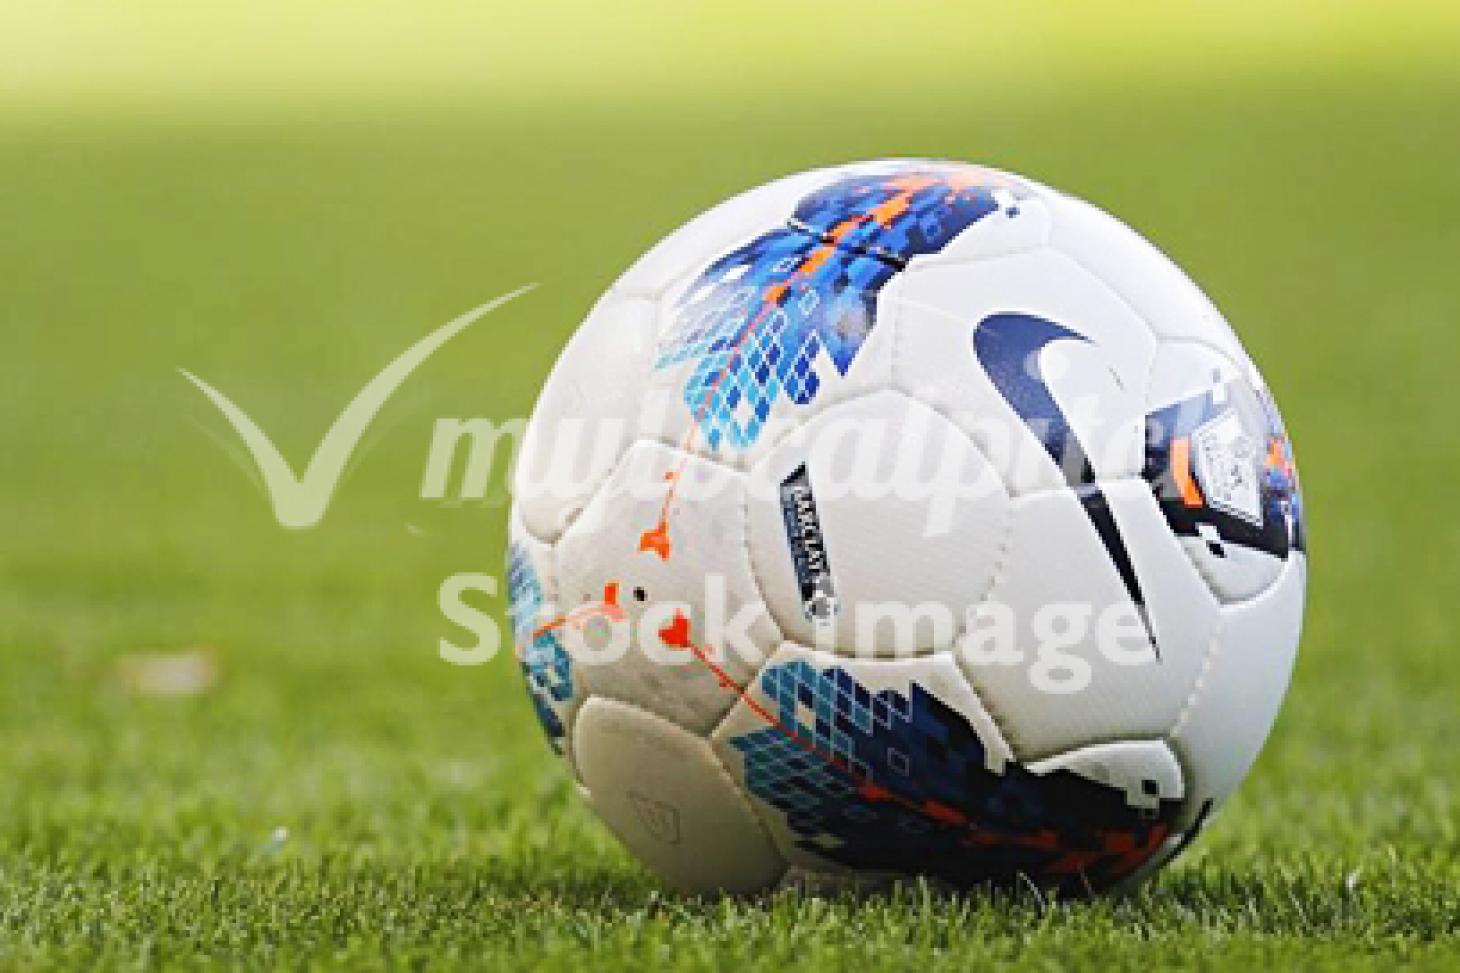 Desborough Park 11 a side | Grass football pitch